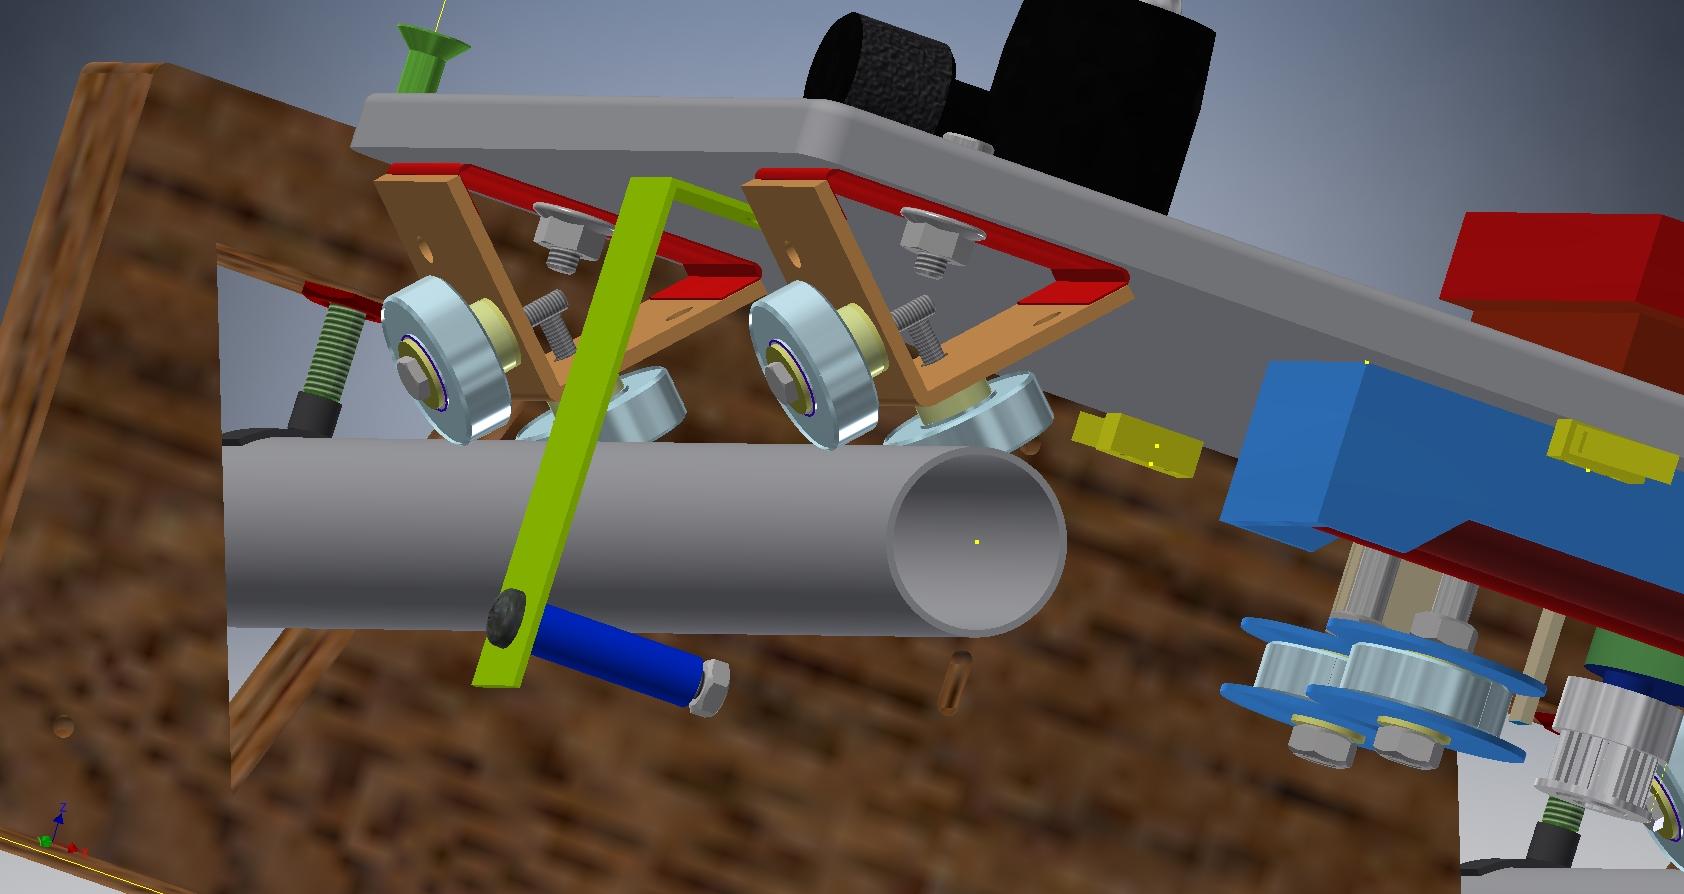 TimeLapse slider 3D model, Motorized TimeLapse slider & dolly & rail, časozberné video a fotografia, DIY project based on Arduino